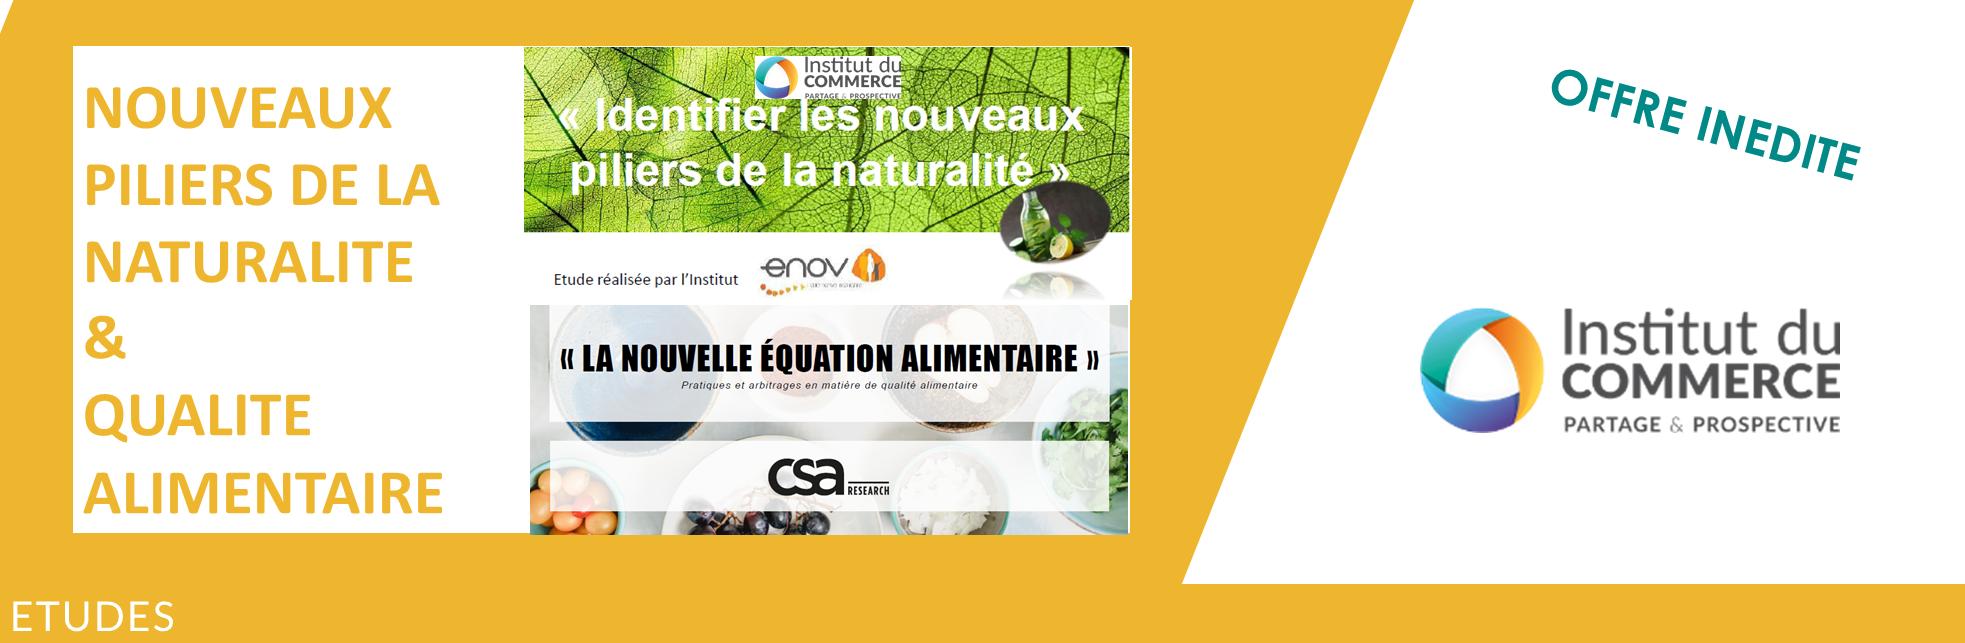 """OFFRE SPECIALE : Etude """"Naturalité"""" de l'IDC + Etude Qualité alimentaire de CSA"""